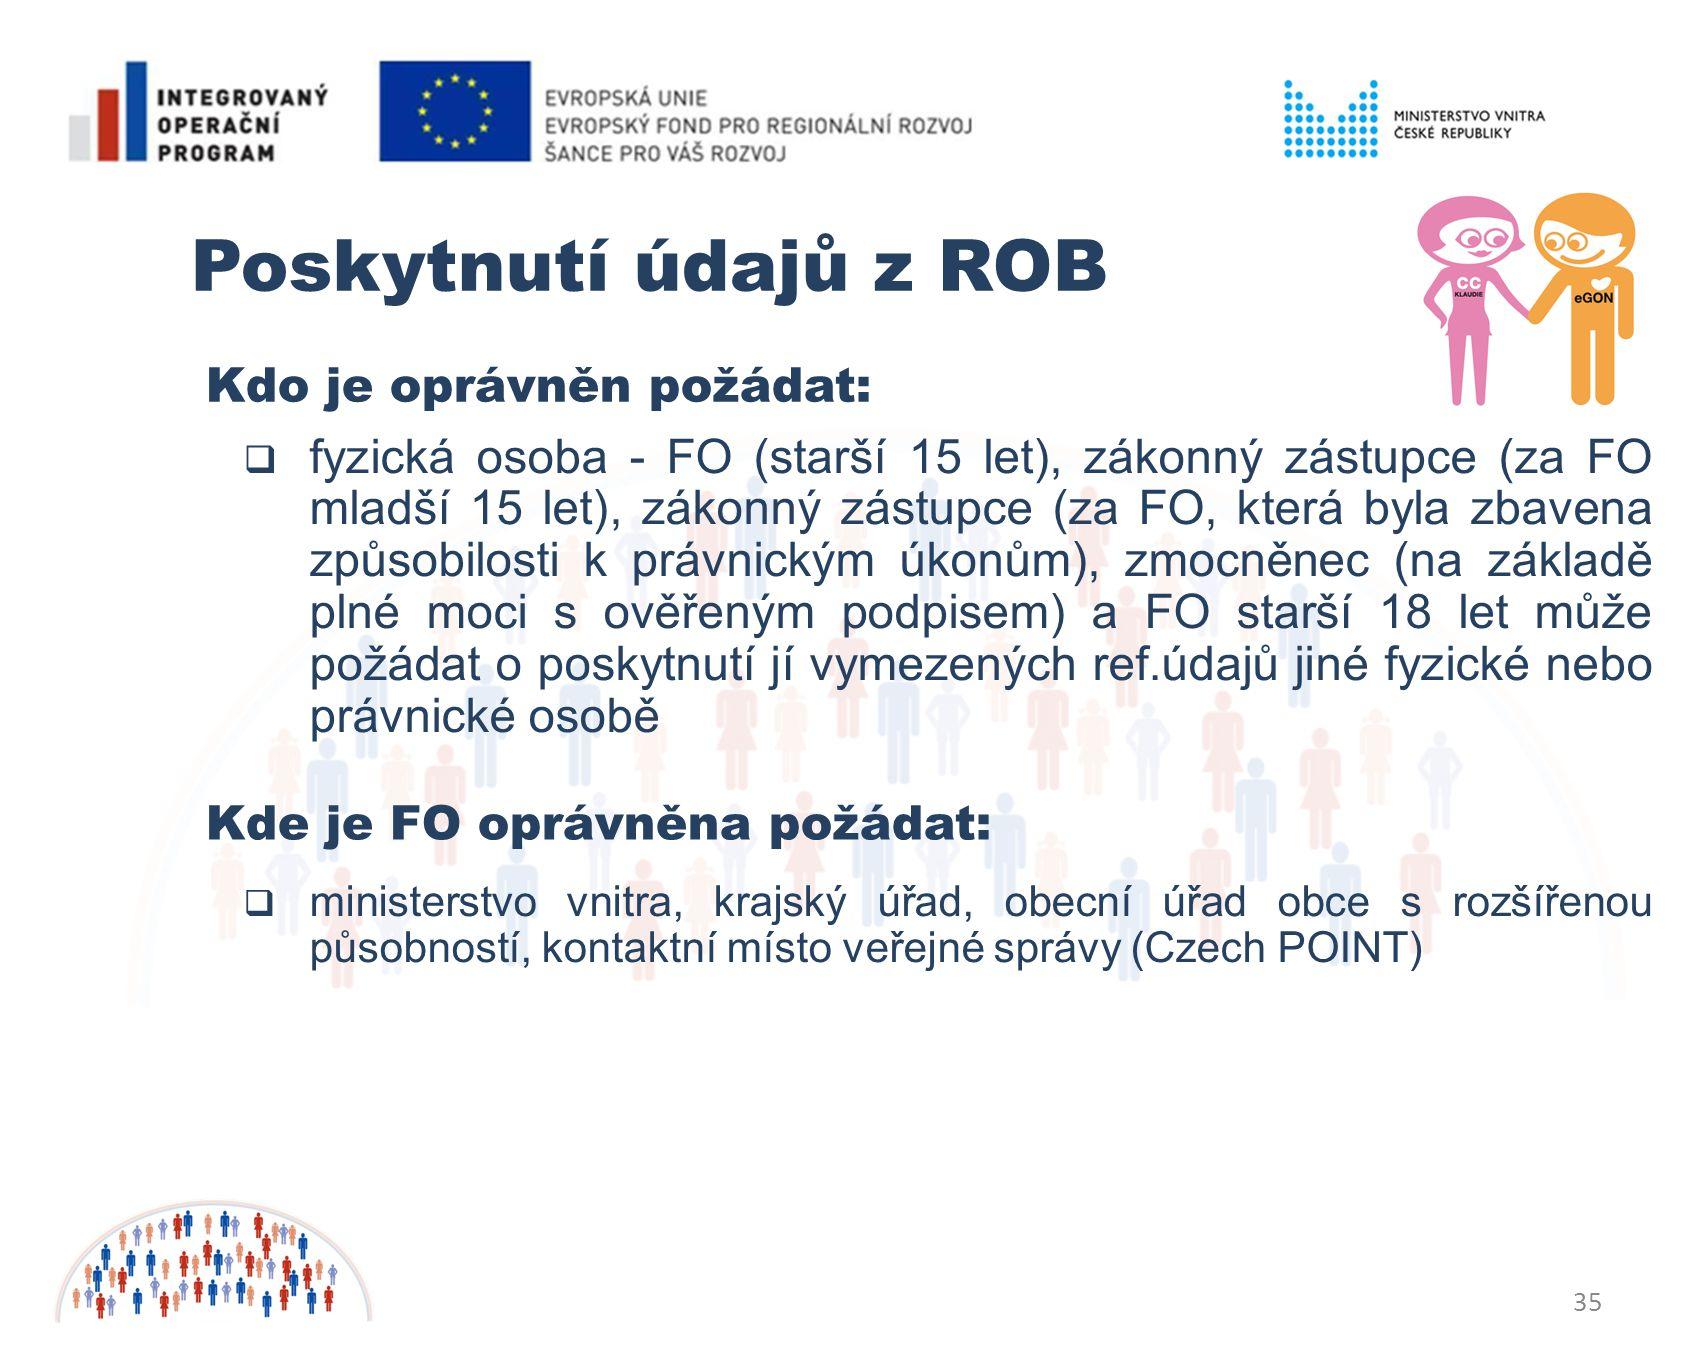 35 Poskytnutí údajů z ROB  fyzická osoba - FO (starší 15 let), zákonný zástupce (za FO mladší 15 let), zákonný zástupce (za FO, která byla zbavena způsobilosti k právnickým úkonům), zmocněnec (na základě plné moci s ověřeným podpisem) a FO starší 18 let může požádat o poskytnutí jí vymezených ref.údajů jiné fyzické nebo právnické osobě Kdo je oprávněn požádat: Kde je FO oprávněna požádat:  ministerstvo vnitra, krajský úřad, obecní úřad obce s rozšířenou působností, kontaktní místo veřejné správy (Czech POINT)